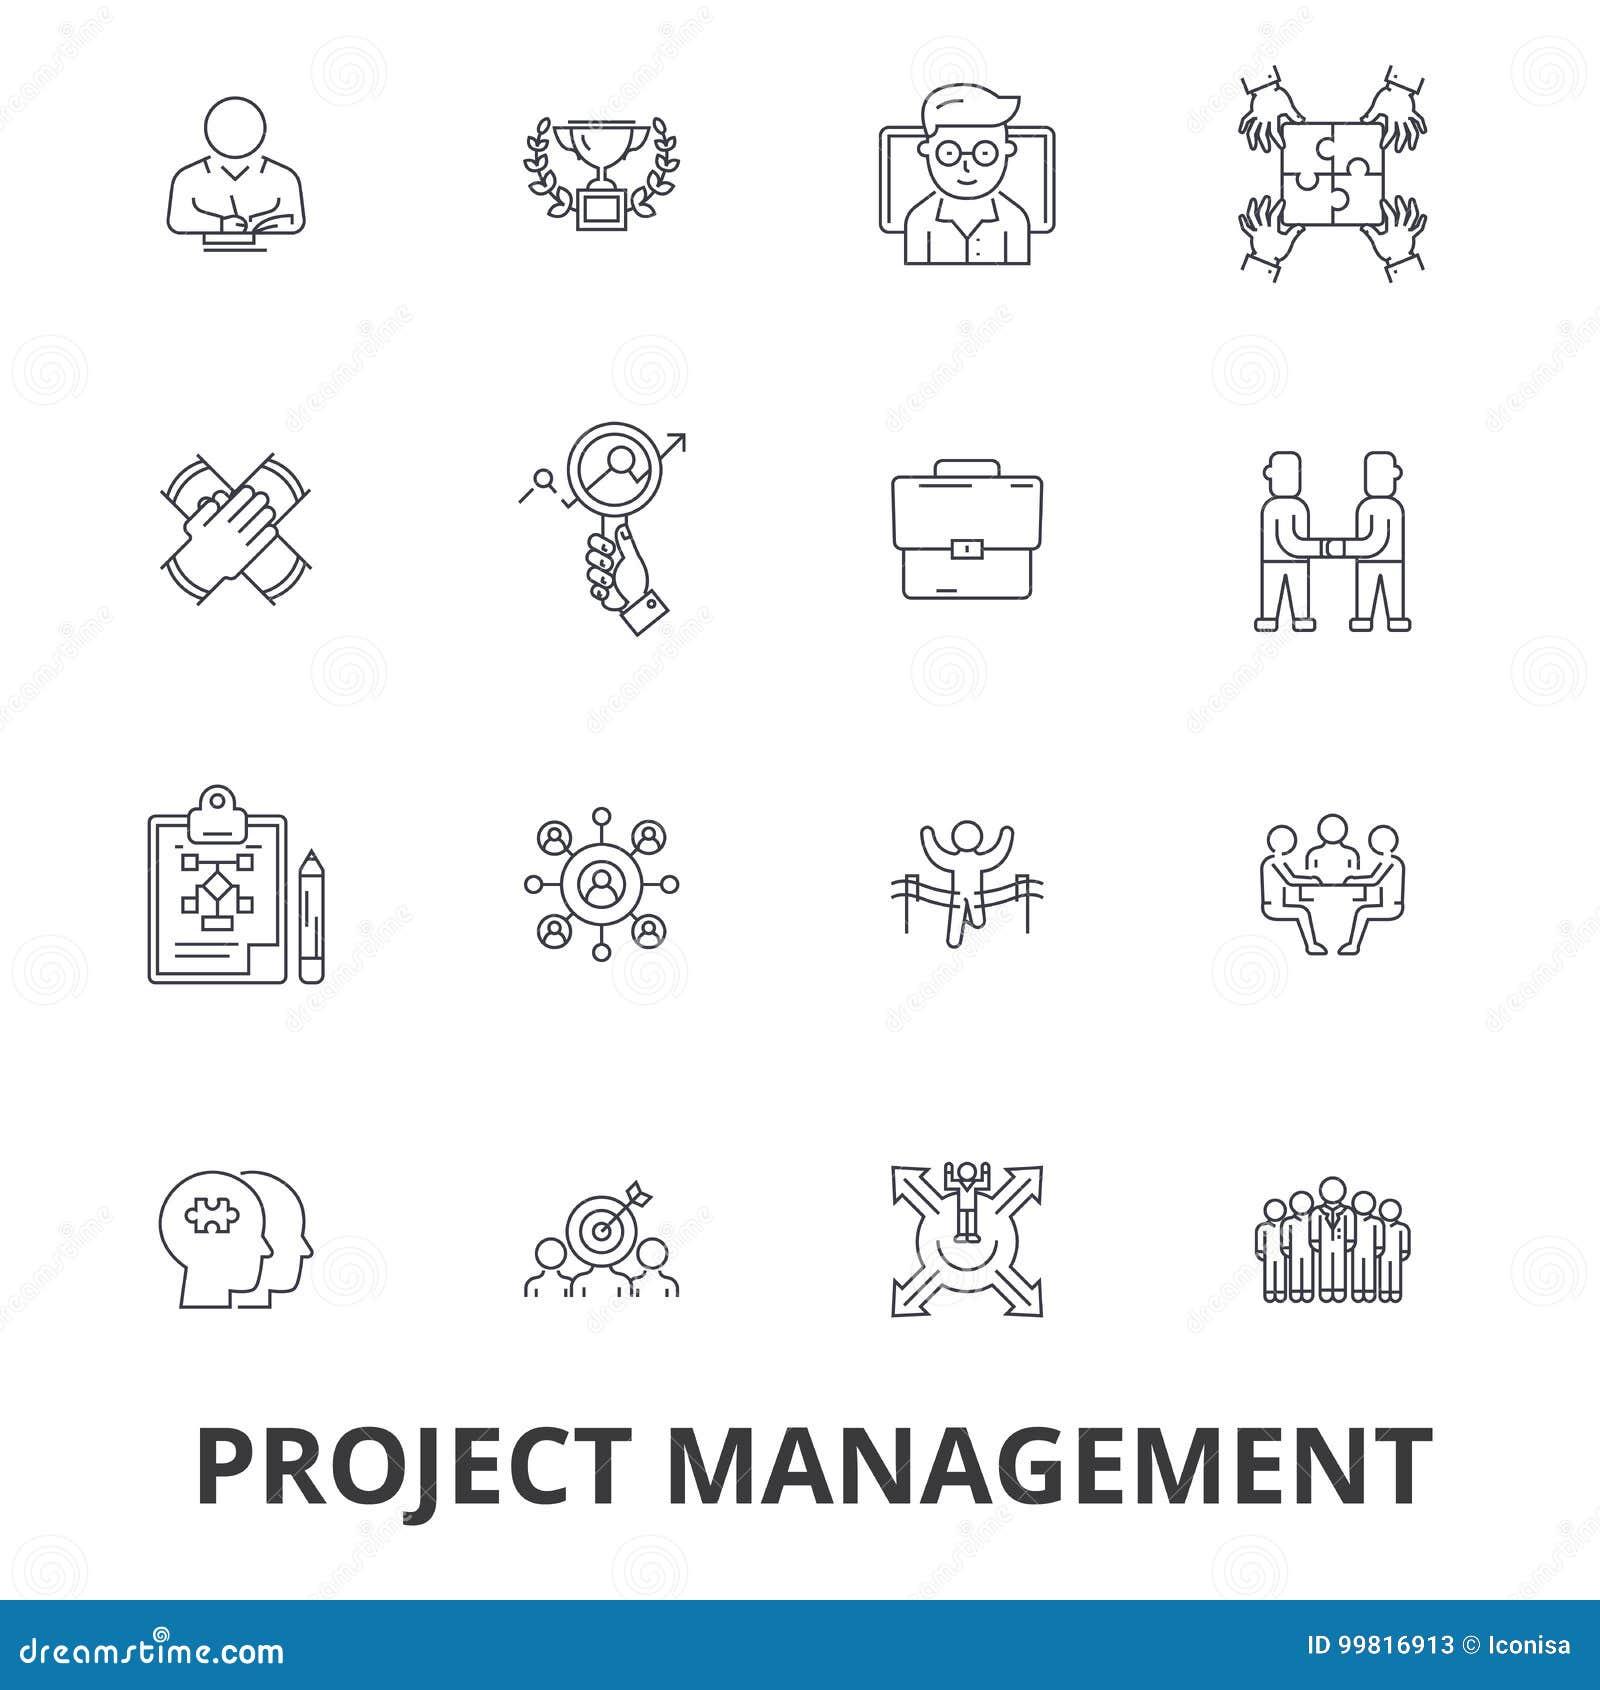 Διαχείριση του προγράμματος, πρόγραμμα, σχέδιο, διαβούλευση, διάγραμμα, κατασκευή, εικονίδια γραμμών εφαρμοσμένης μηχανικής Κτυπή